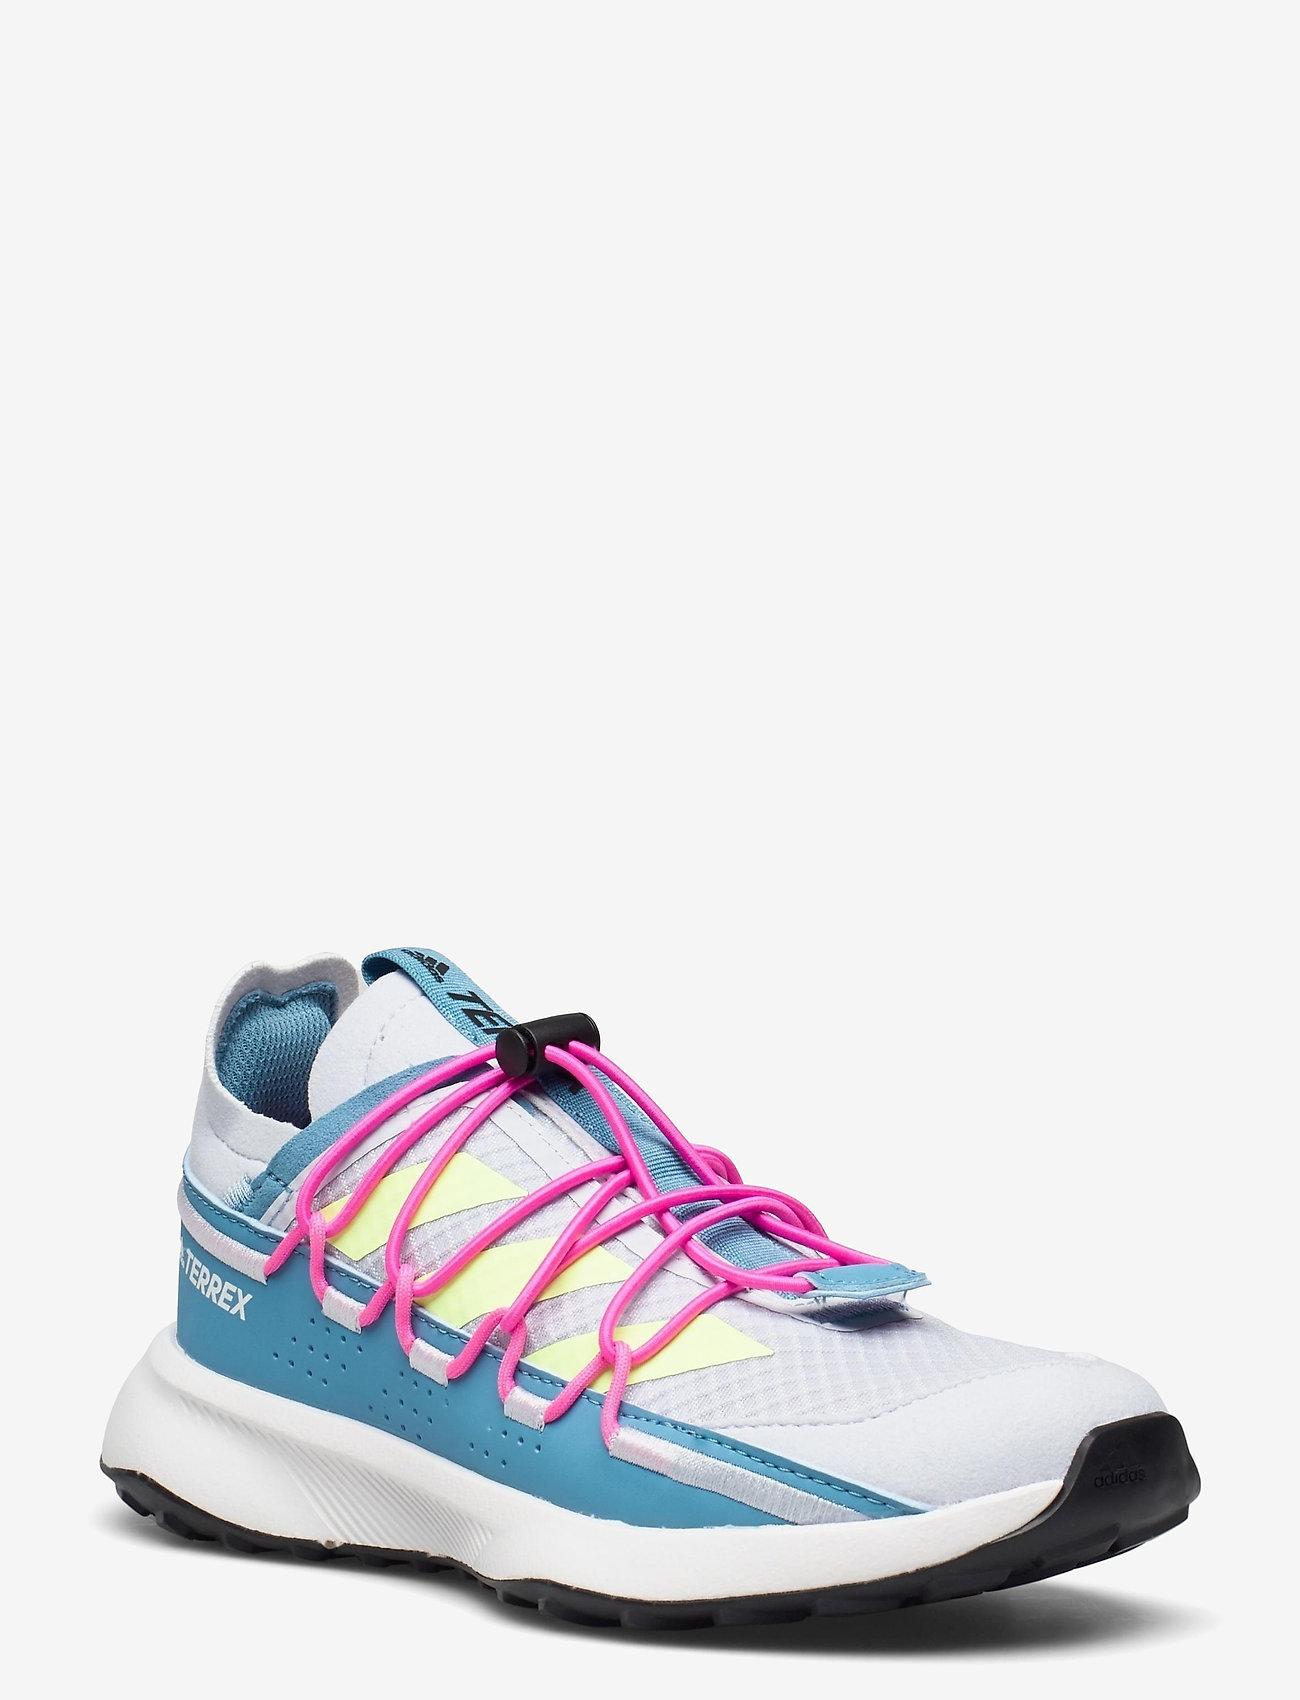 adidas Performance - Terrex Voyager 21 Travel  W - running shoes - halblu/hireye/scrpnk - 0